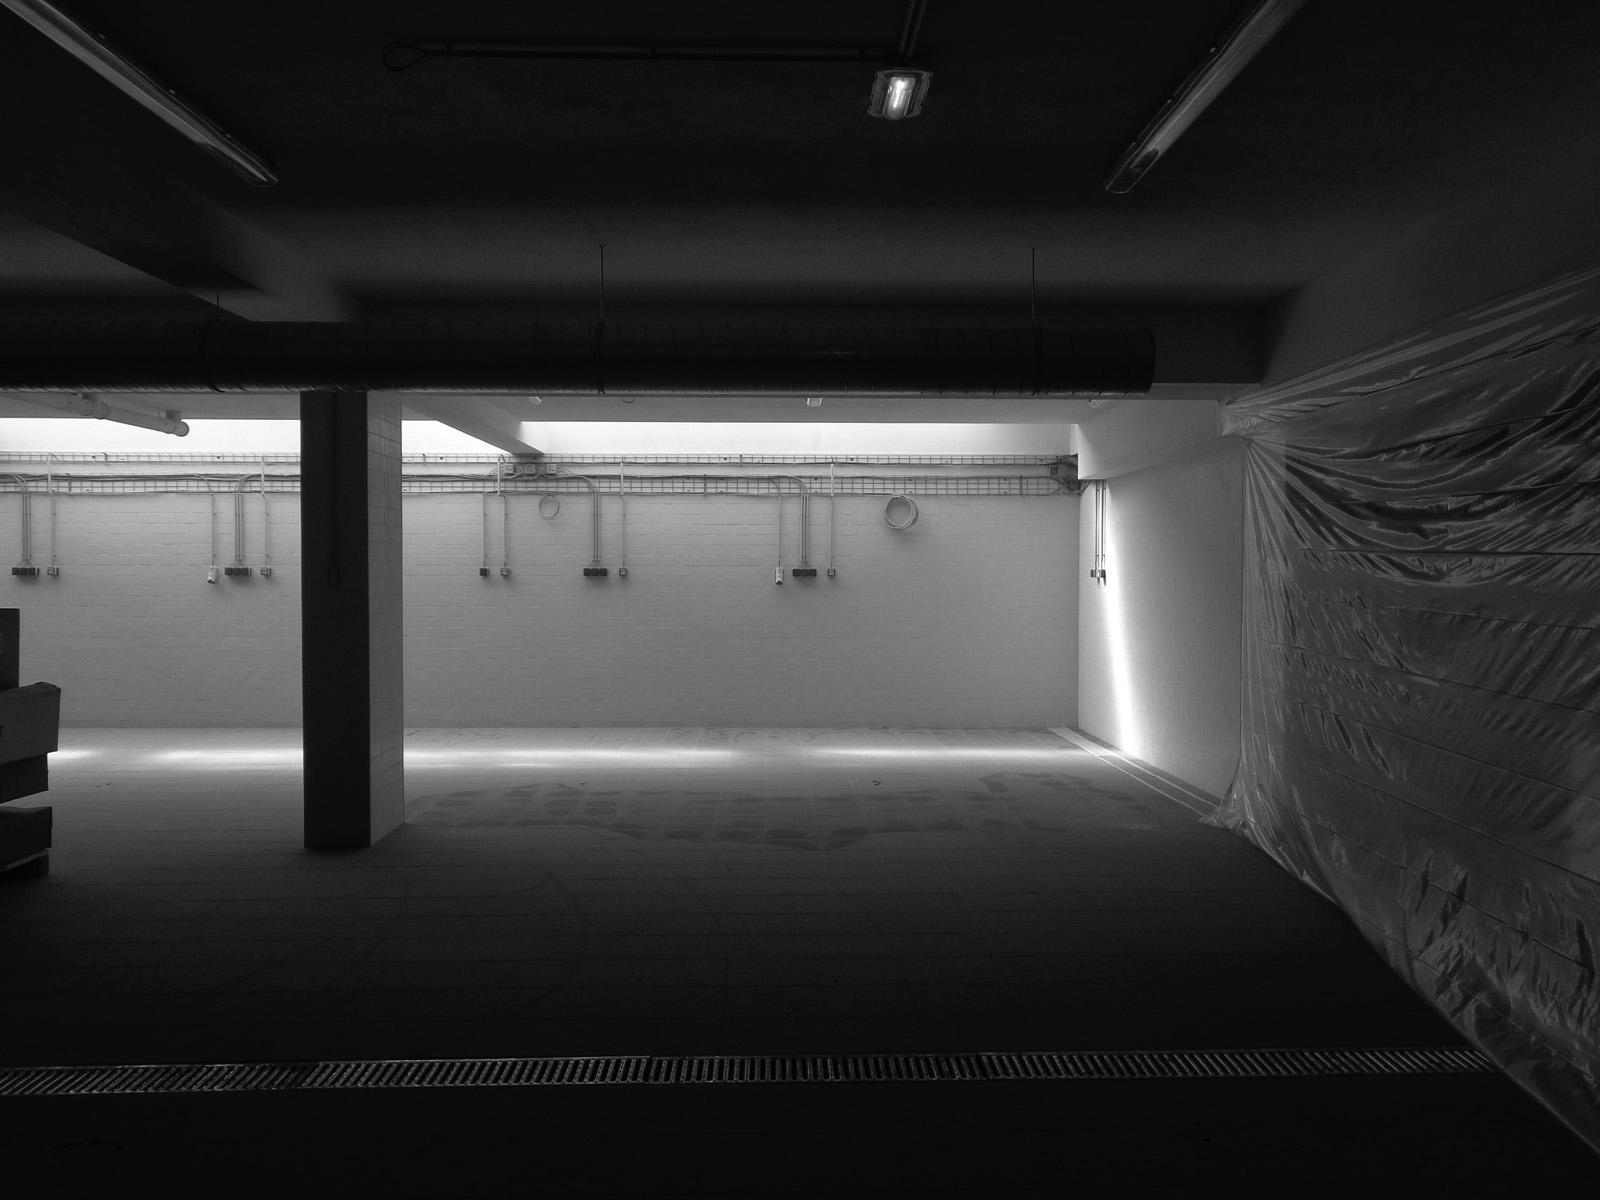 Grupo Antero Motos - Em Construção - Vila Nova de Gaia - EVA evolutionary architecture - Arquitectos Porto (40).jpg